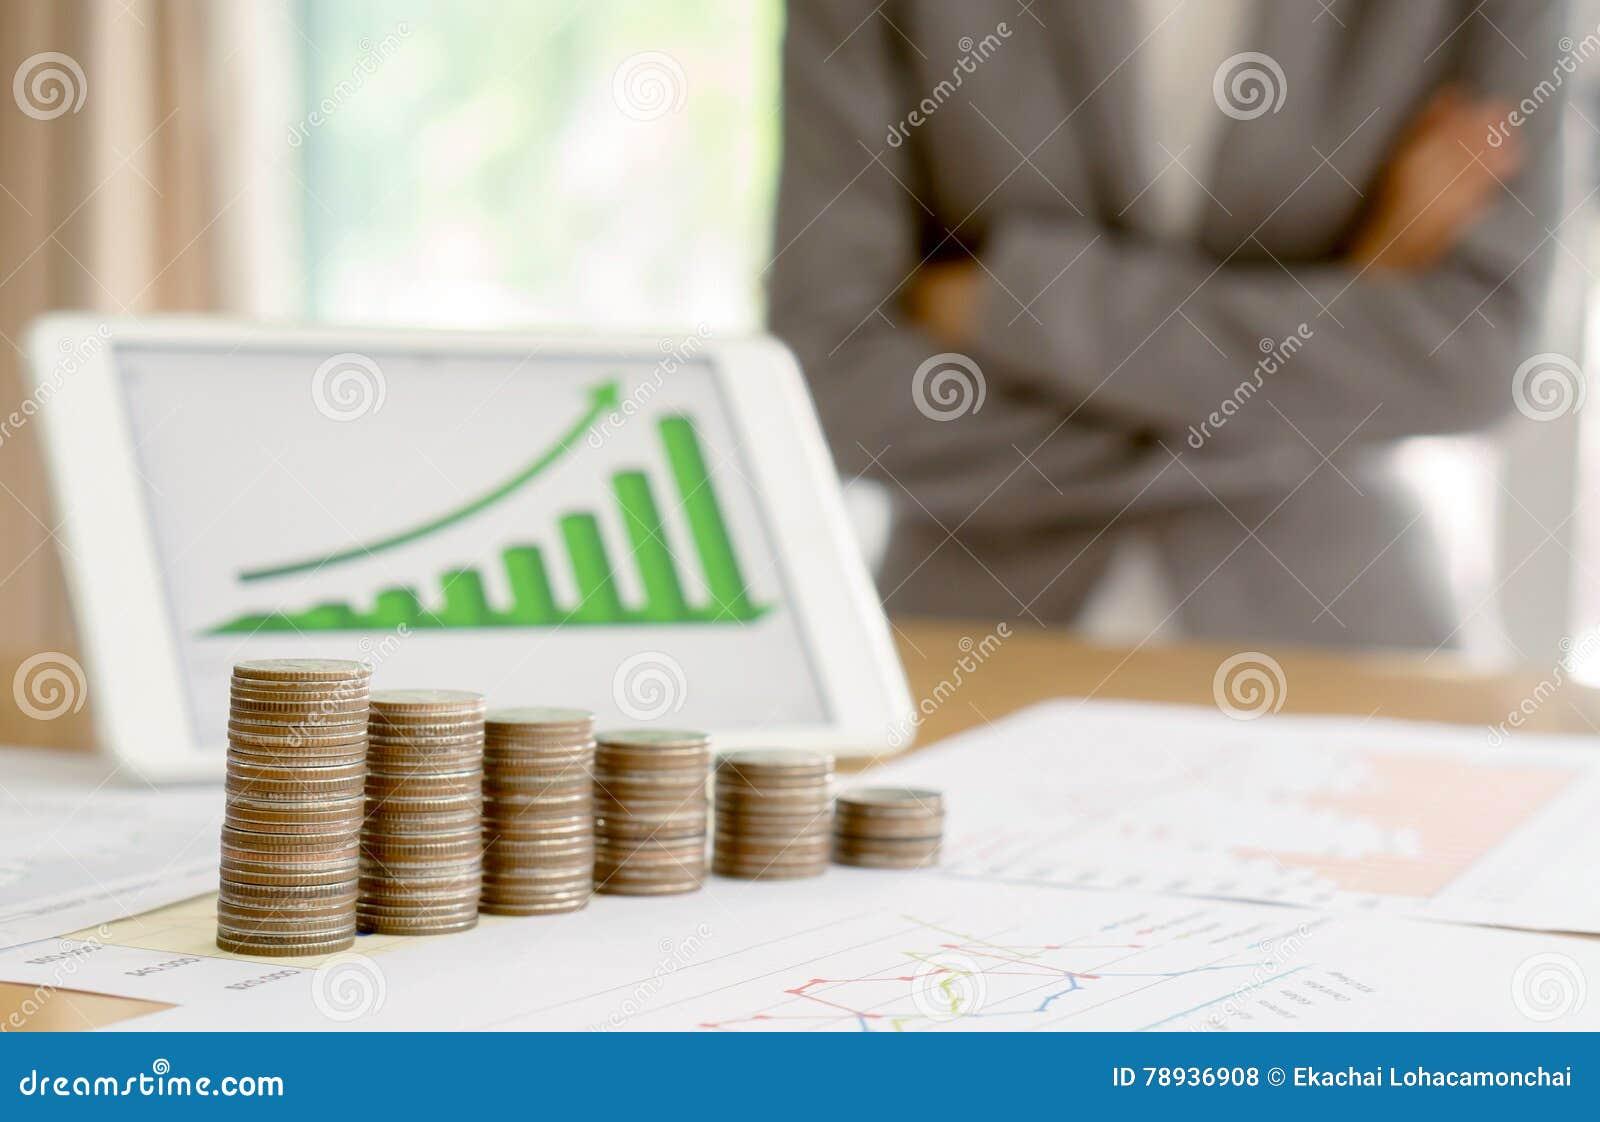 Вырастите вверх стог монеток с делом и профинансируйте экран диаграммы